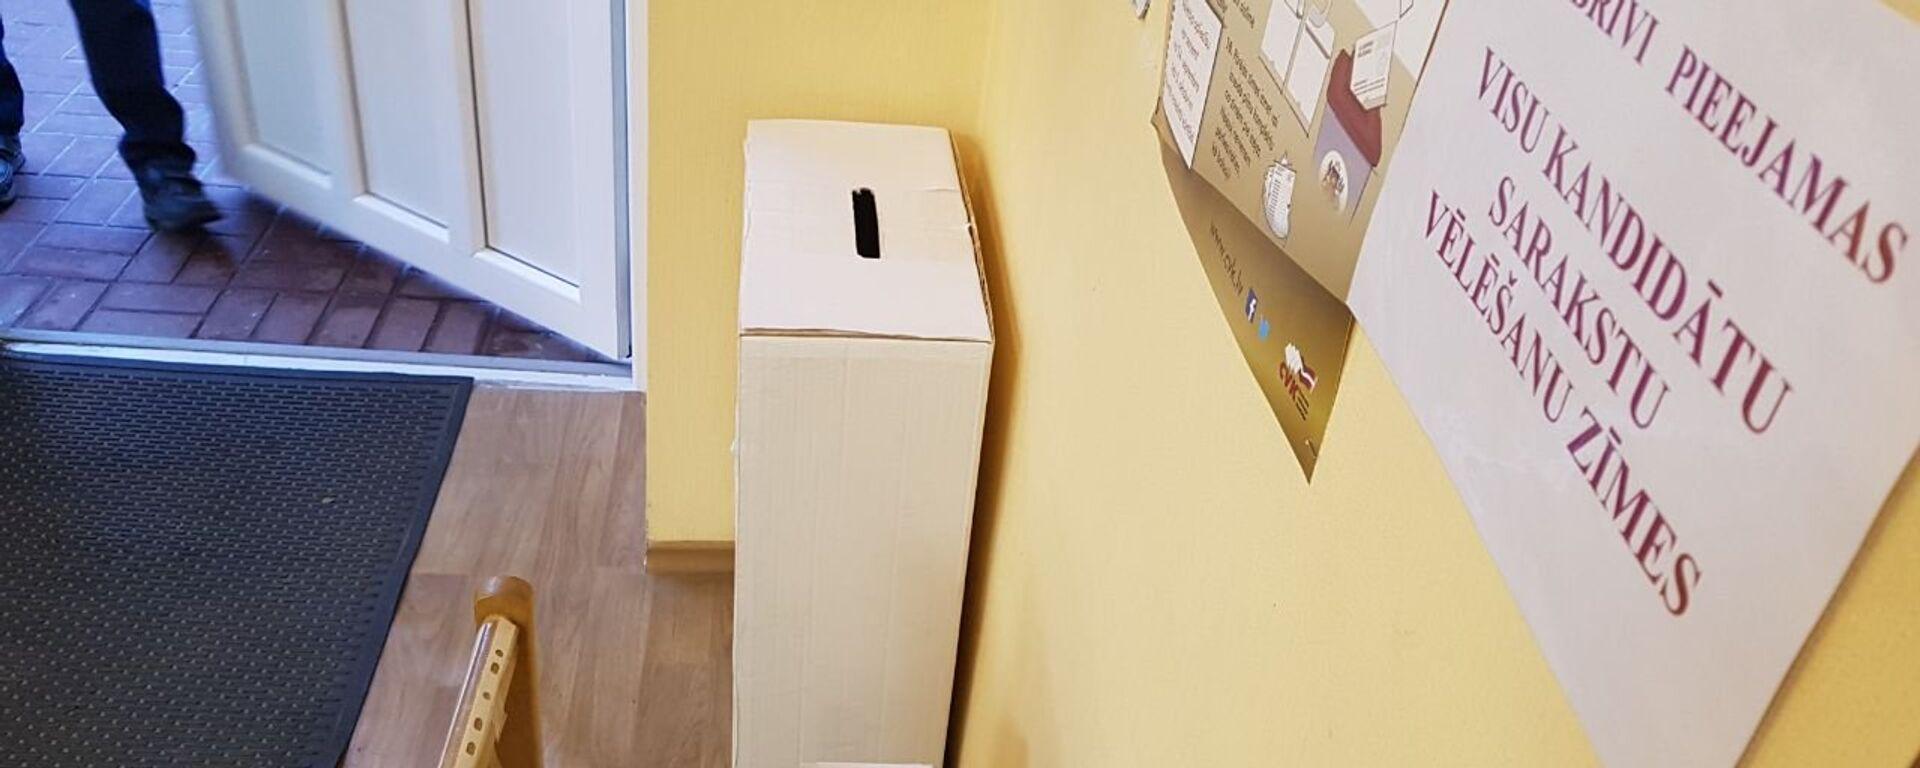 Урна для неиспользованных бюллетеней, избирательный участок 244 города Резекне - Sputnik Латвия, 1920, 21.05.2021